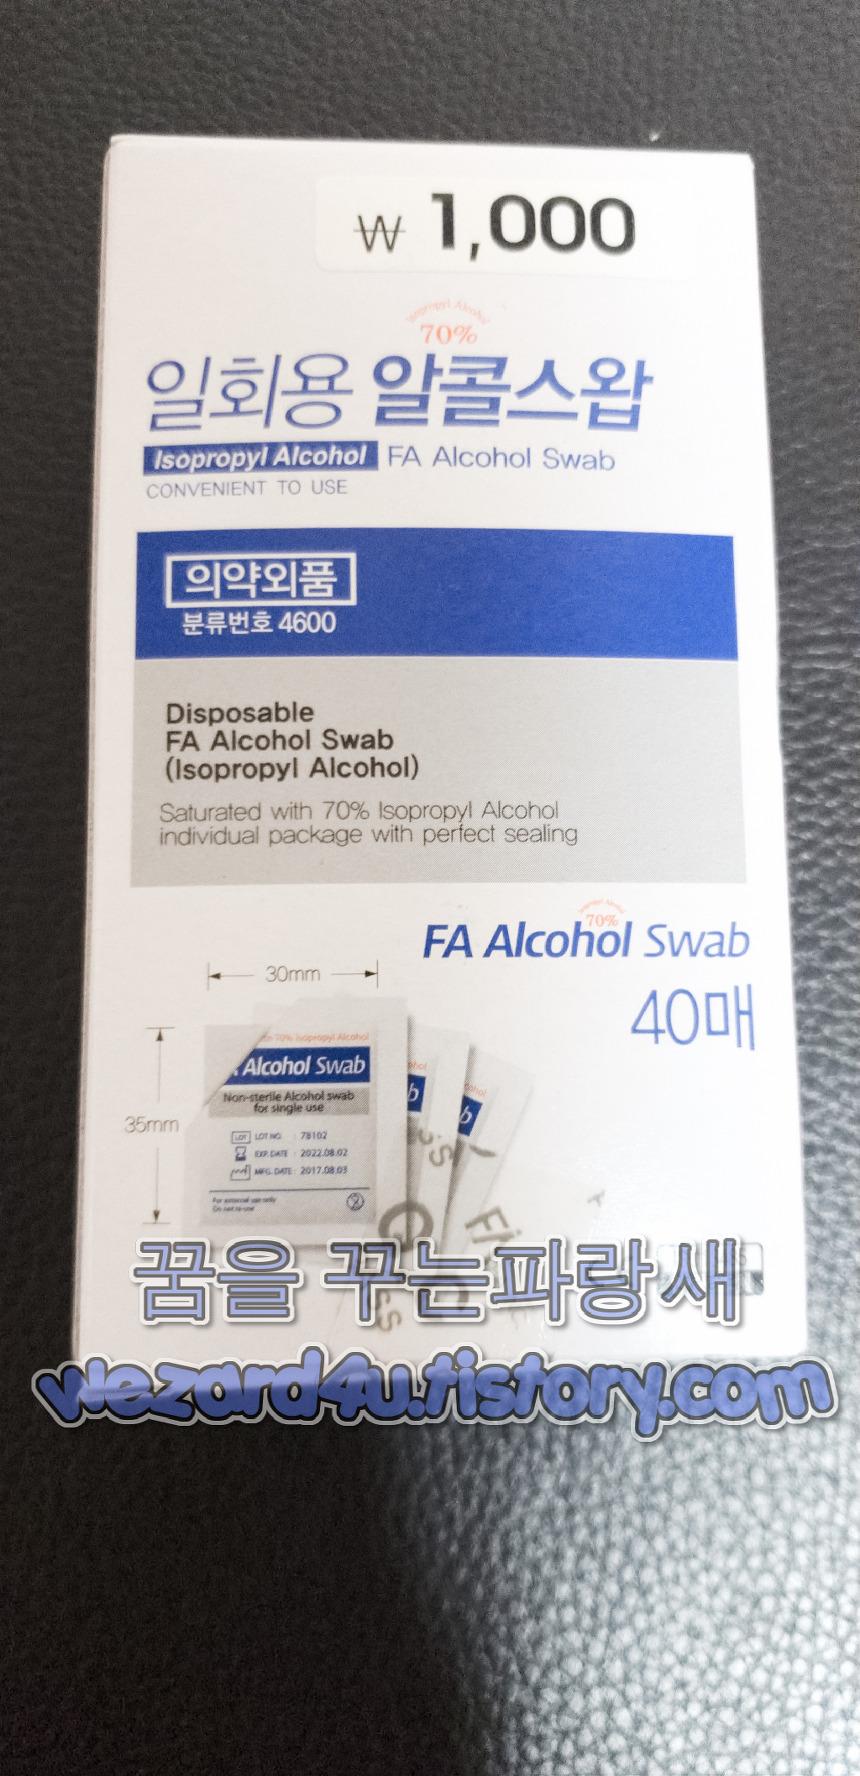 다이소 일회용 알콜스왑(isopropyl Alcohol Swab)